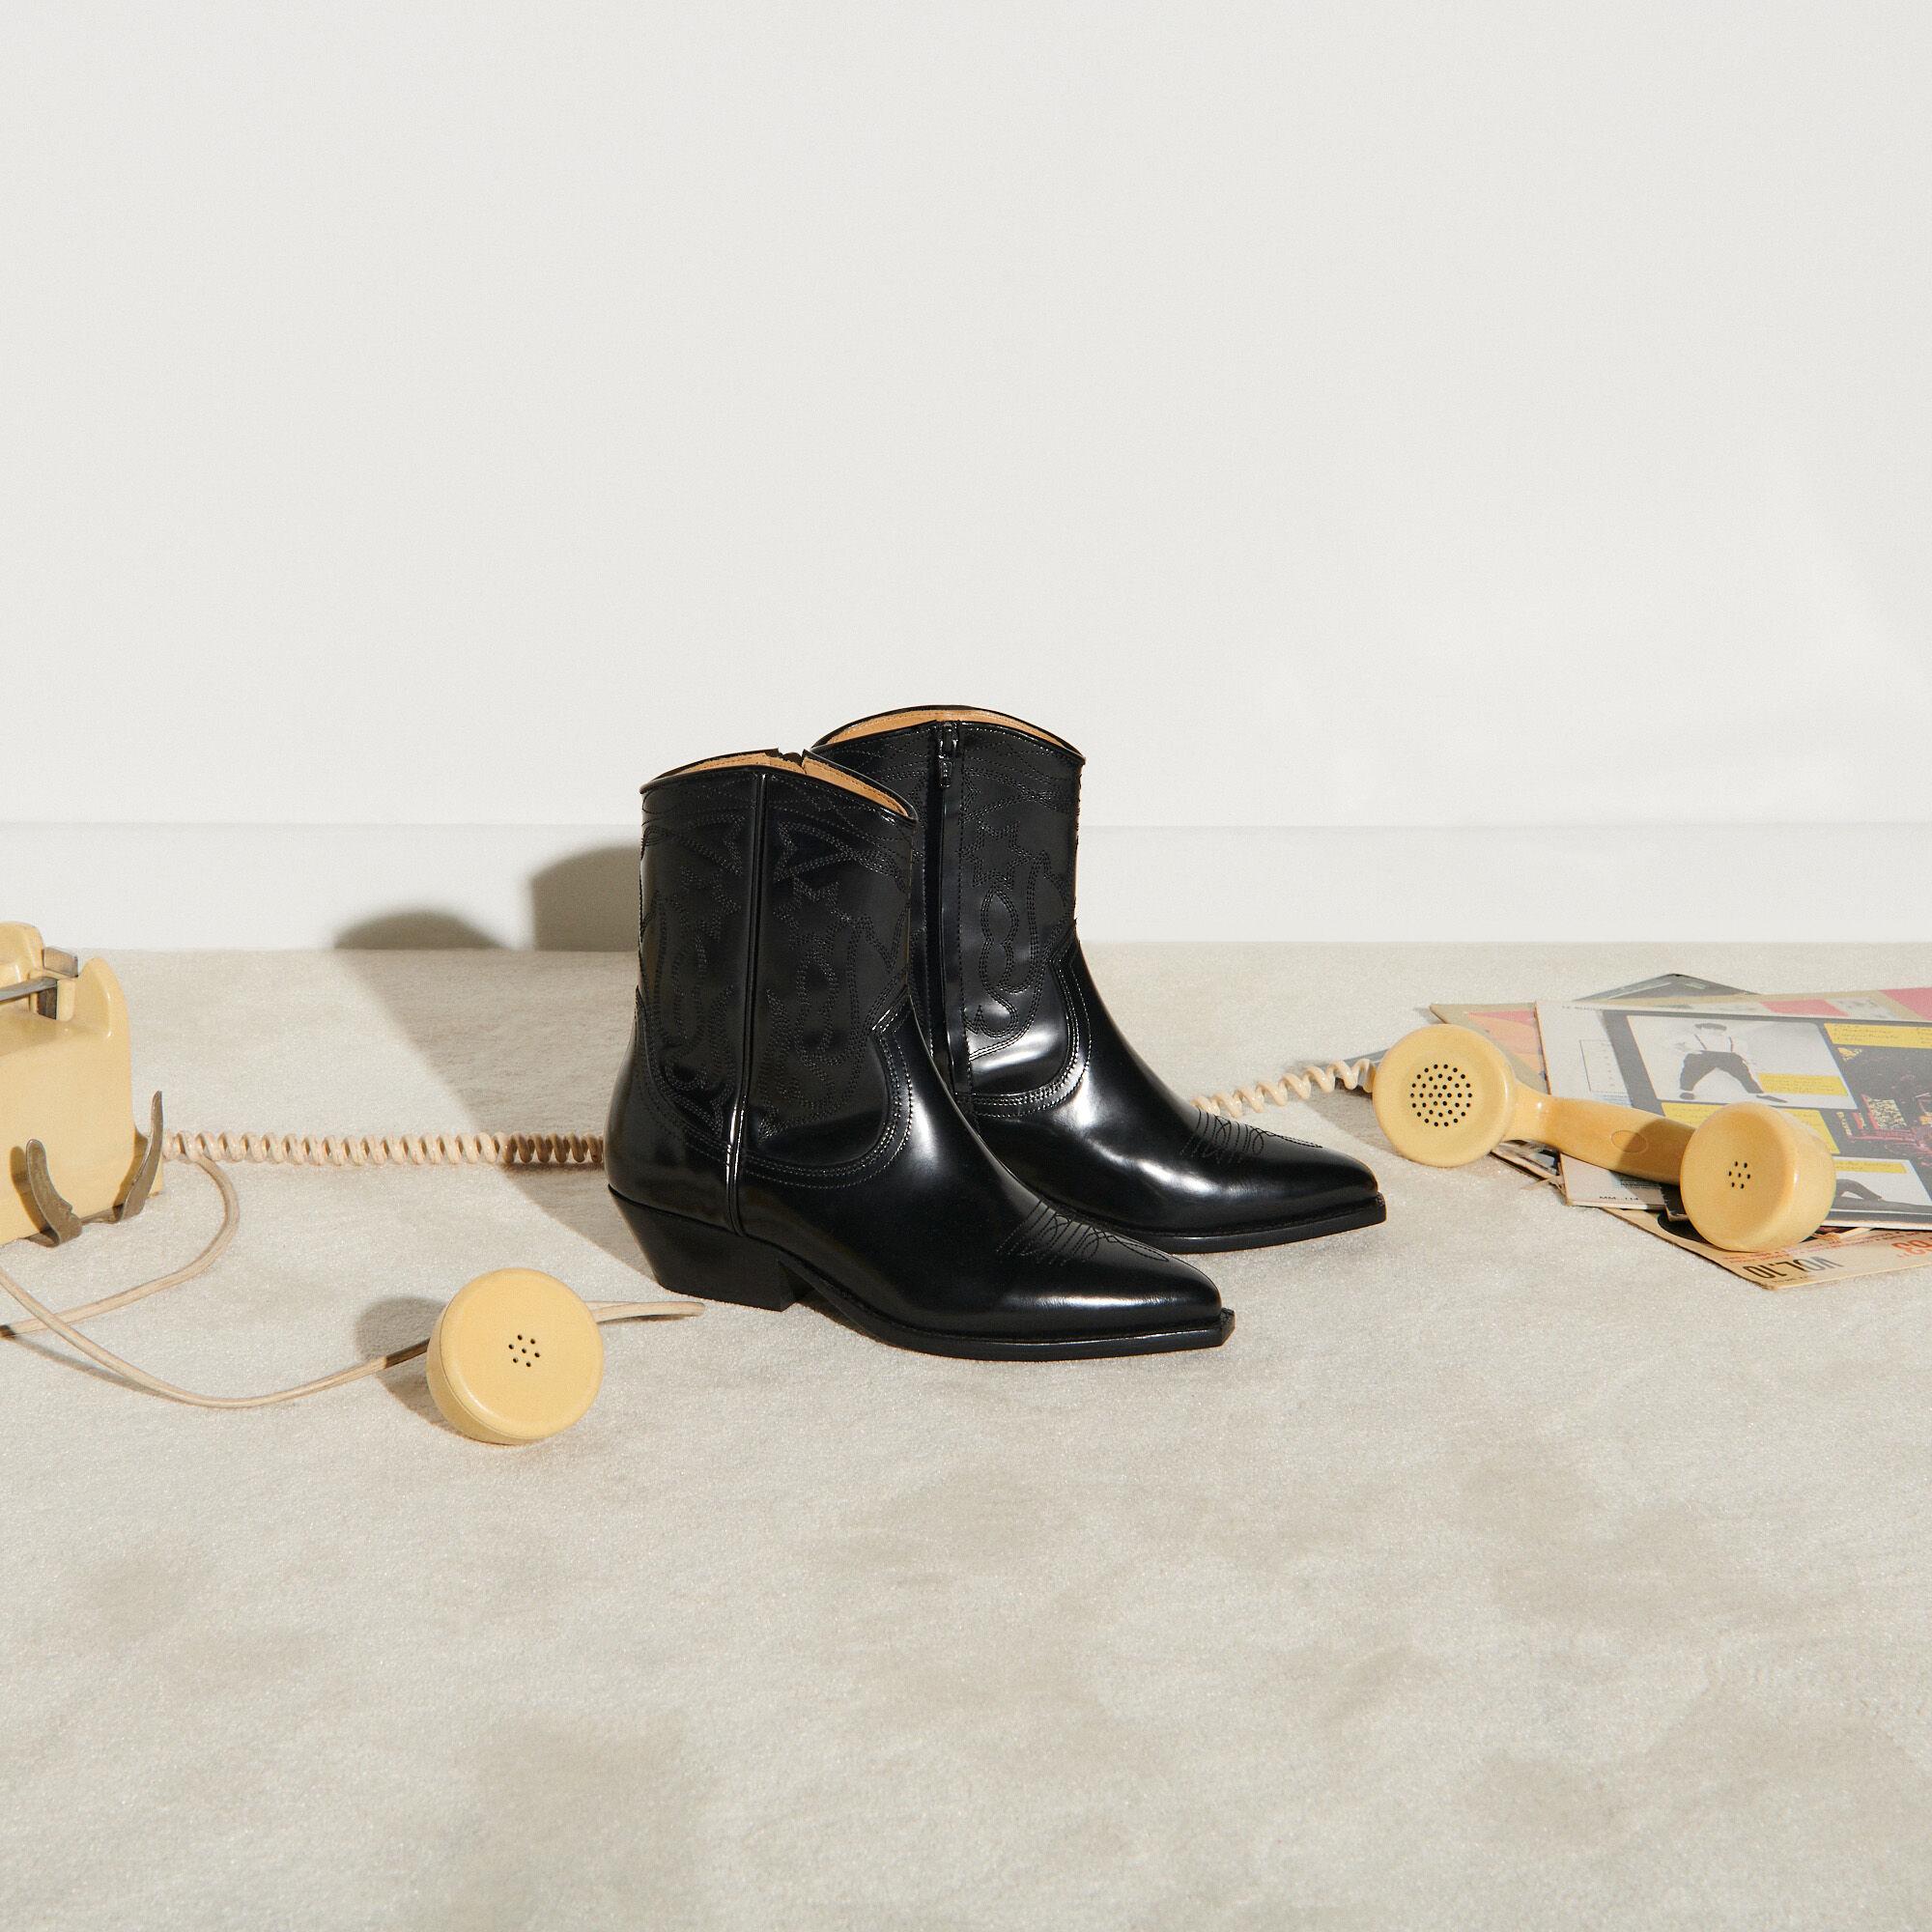 Leather cowboy boots - Boots | Sandro Paris